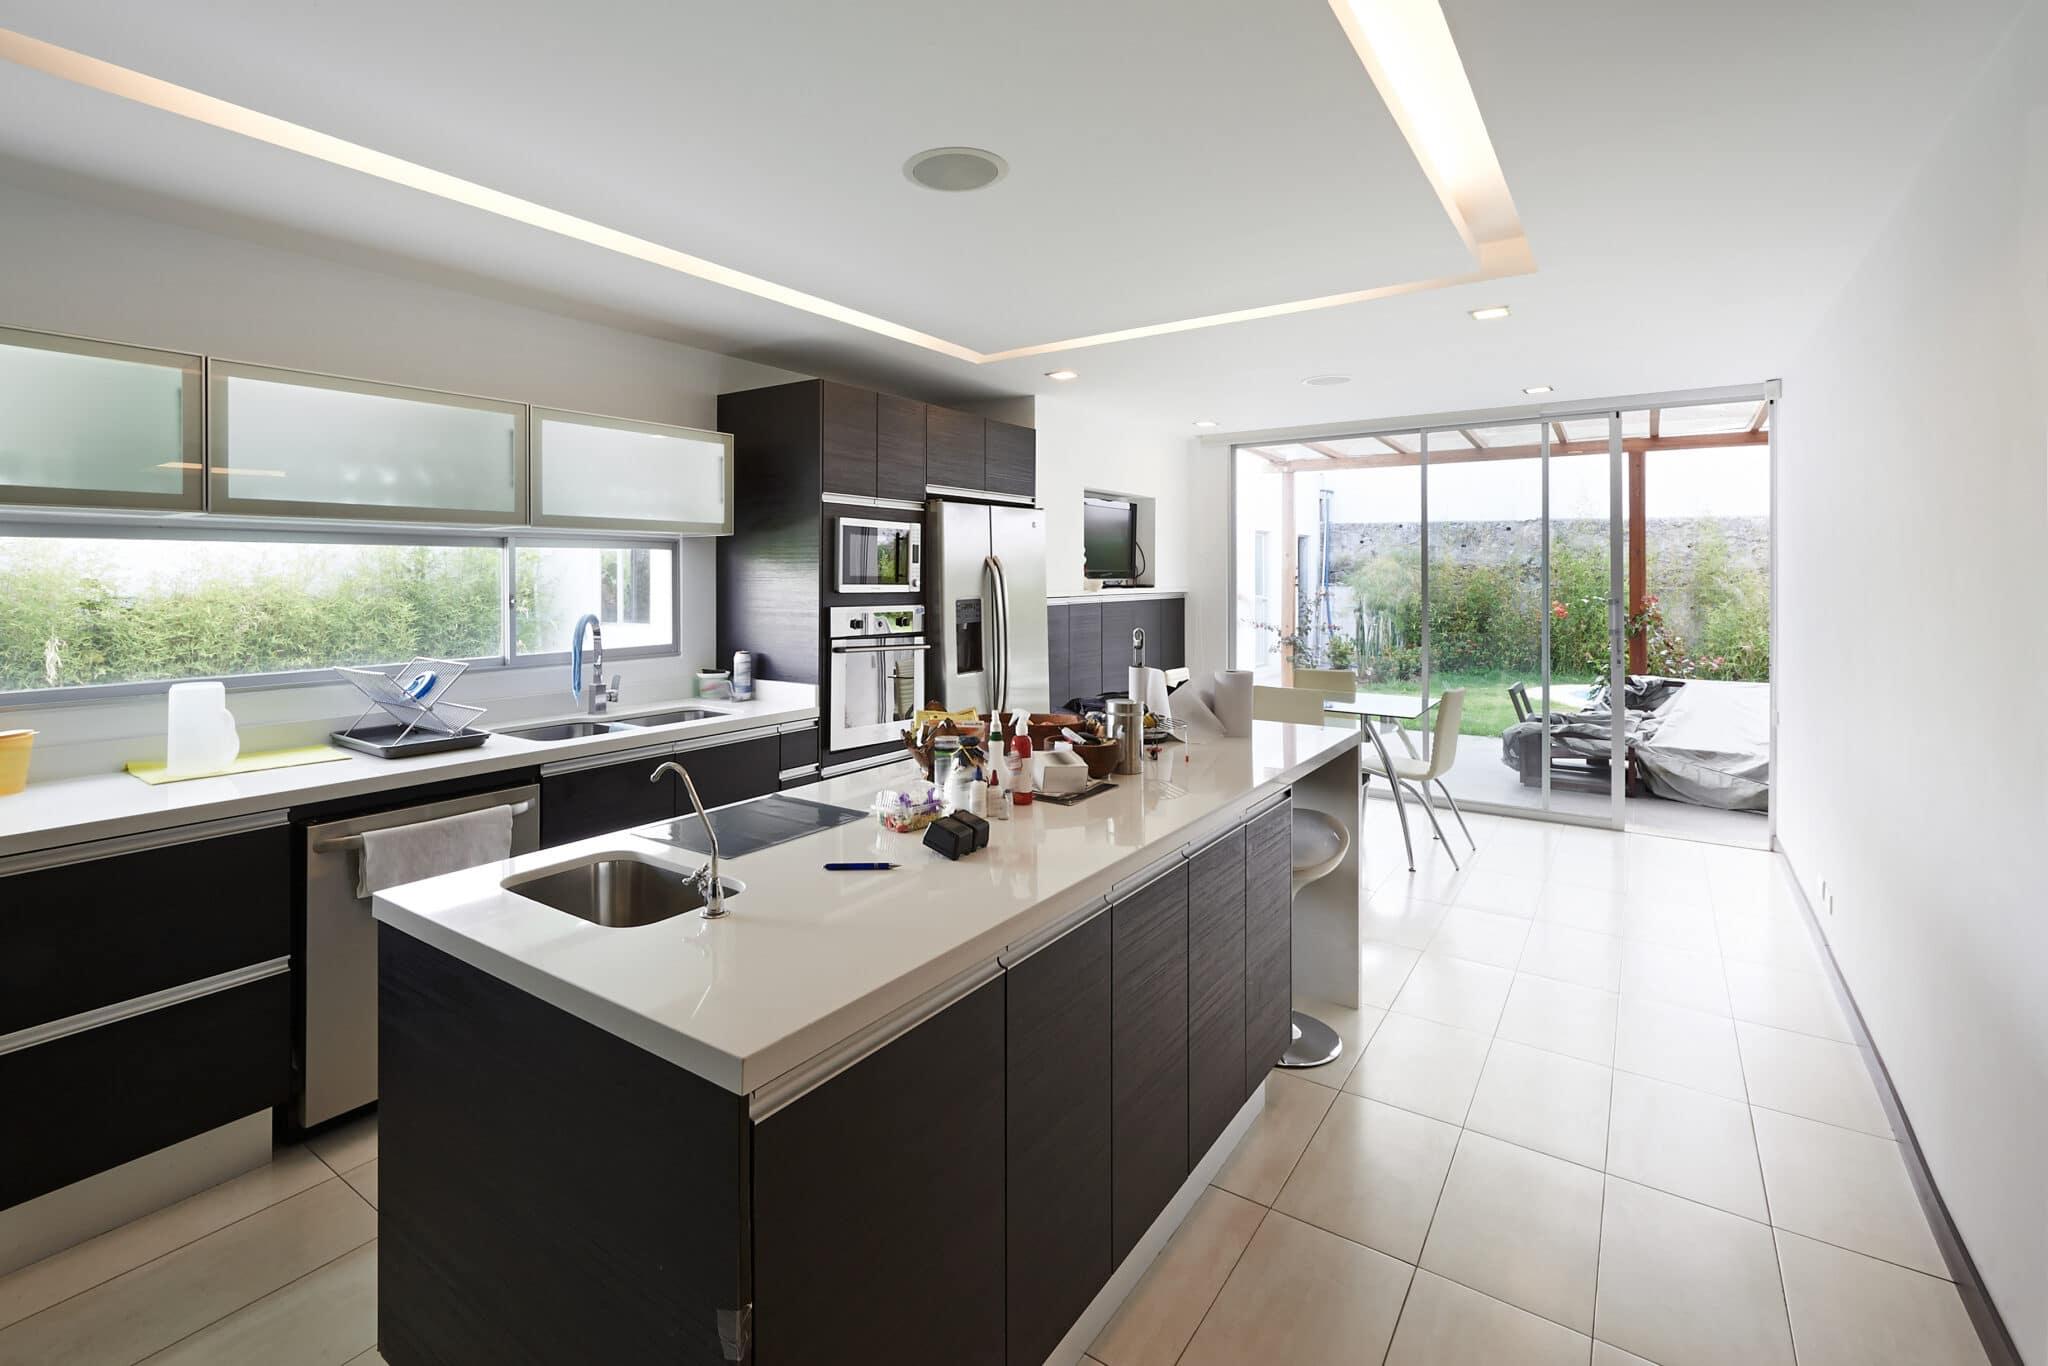 מטבחים מעץ רשת לעיצוב וייצור מטבחים מודרניים מקצוענים מהחברות המובילות המשק בתחום ייצור והרכבת מטבחים שיודעים לספק כל סוגי המטבחים לכל דורש במקביל להפעלת המקרר והתנור ללקוח במטבח שלו